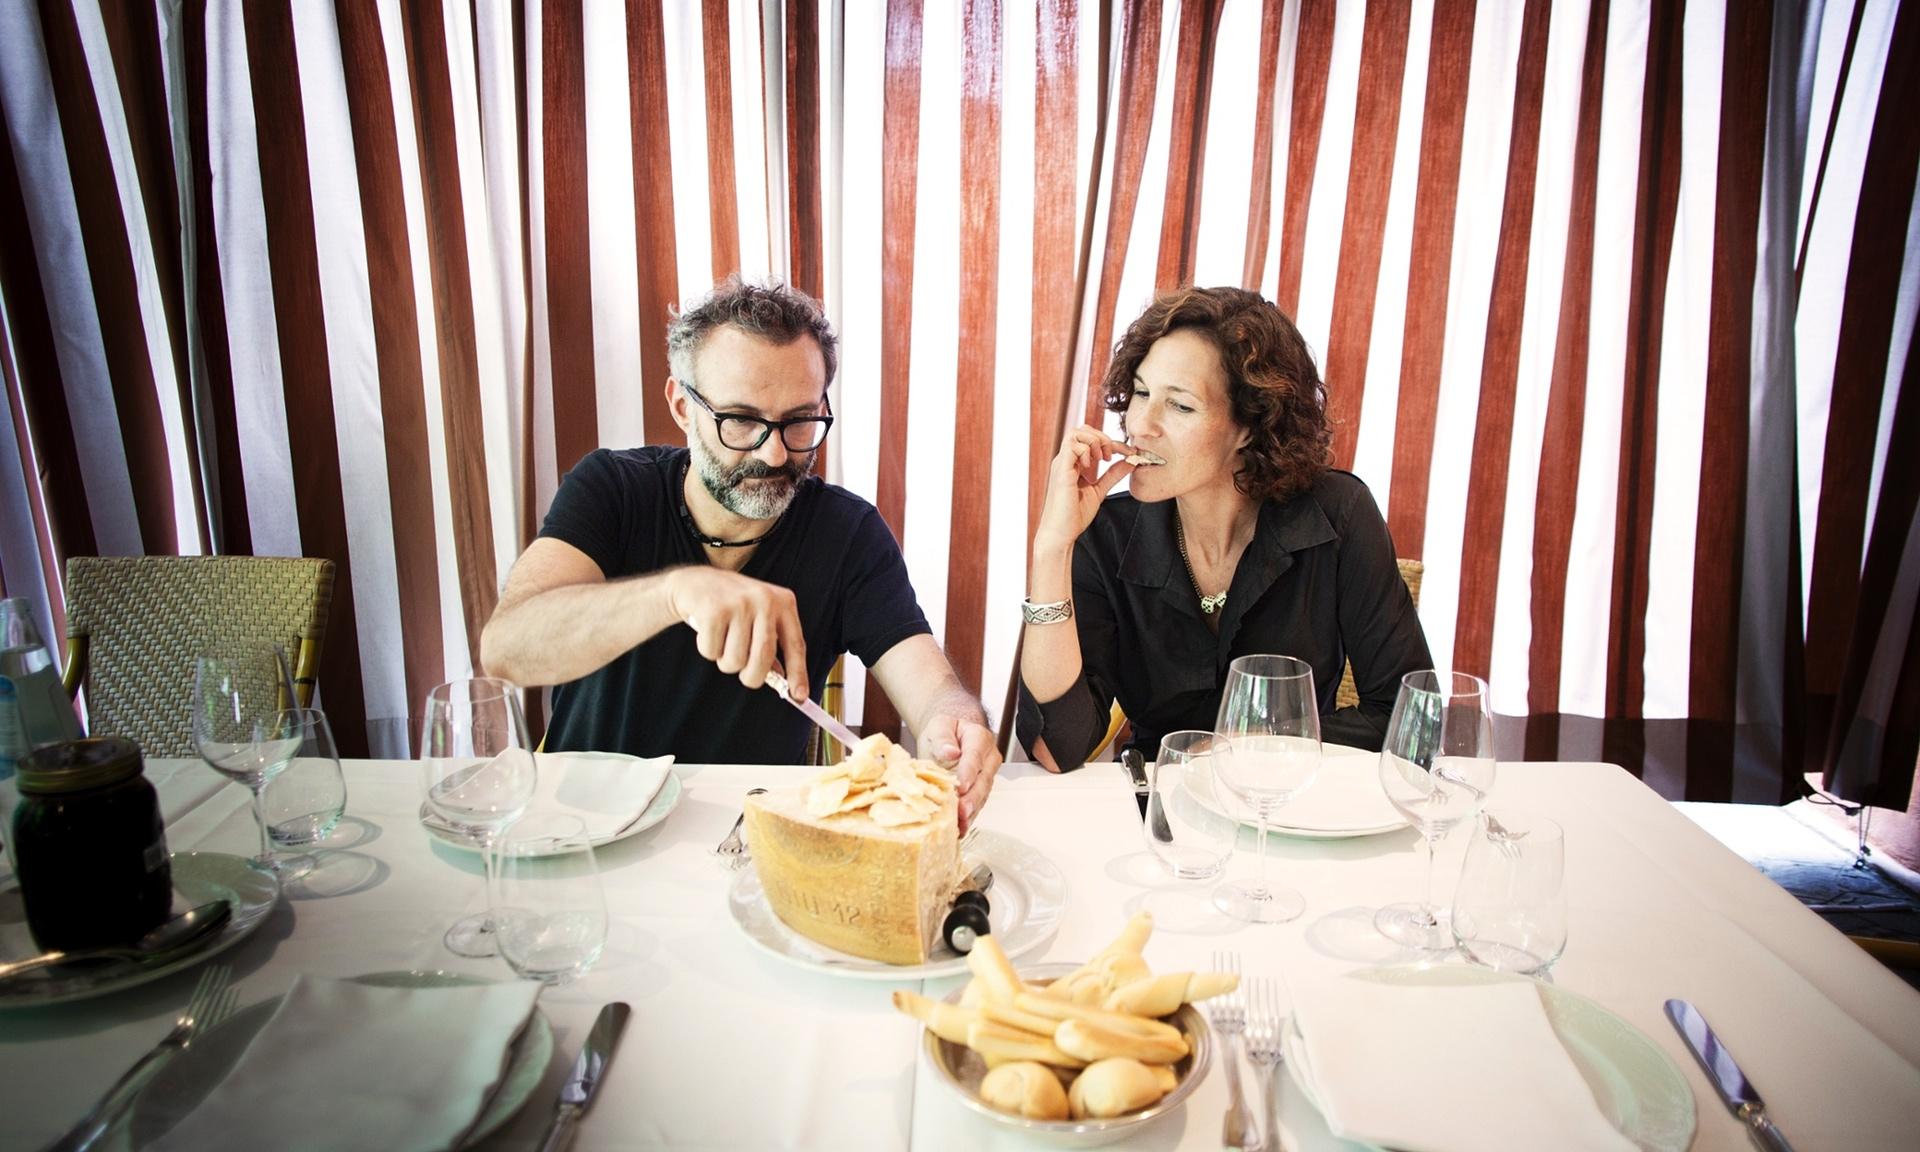 Gaurdian- Lunch with his wife Lara